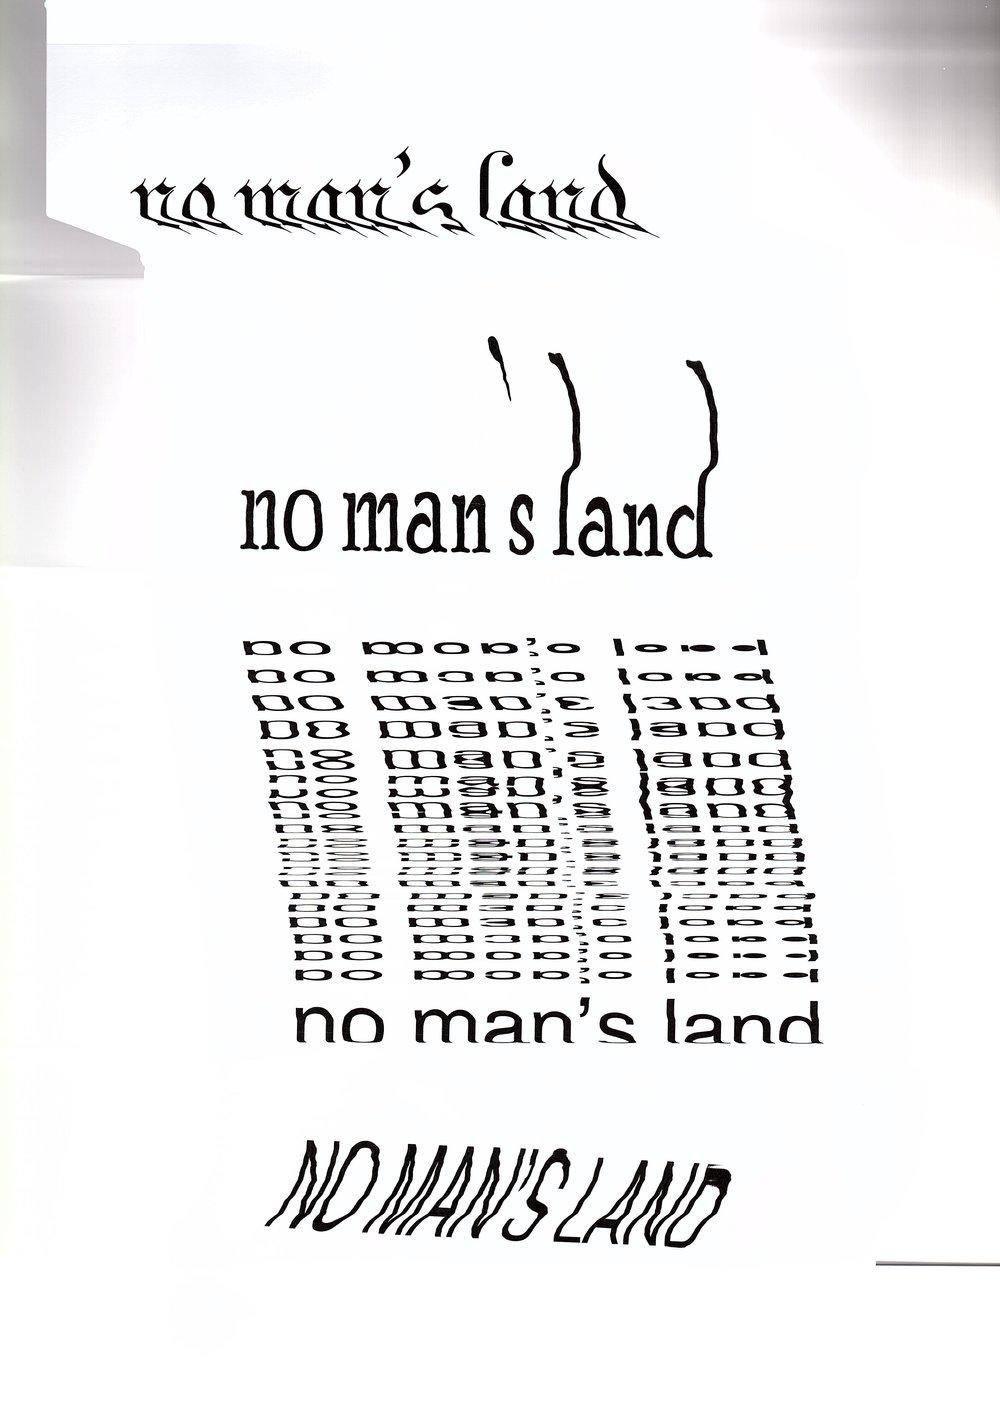 NOMANSLAND002.jpg